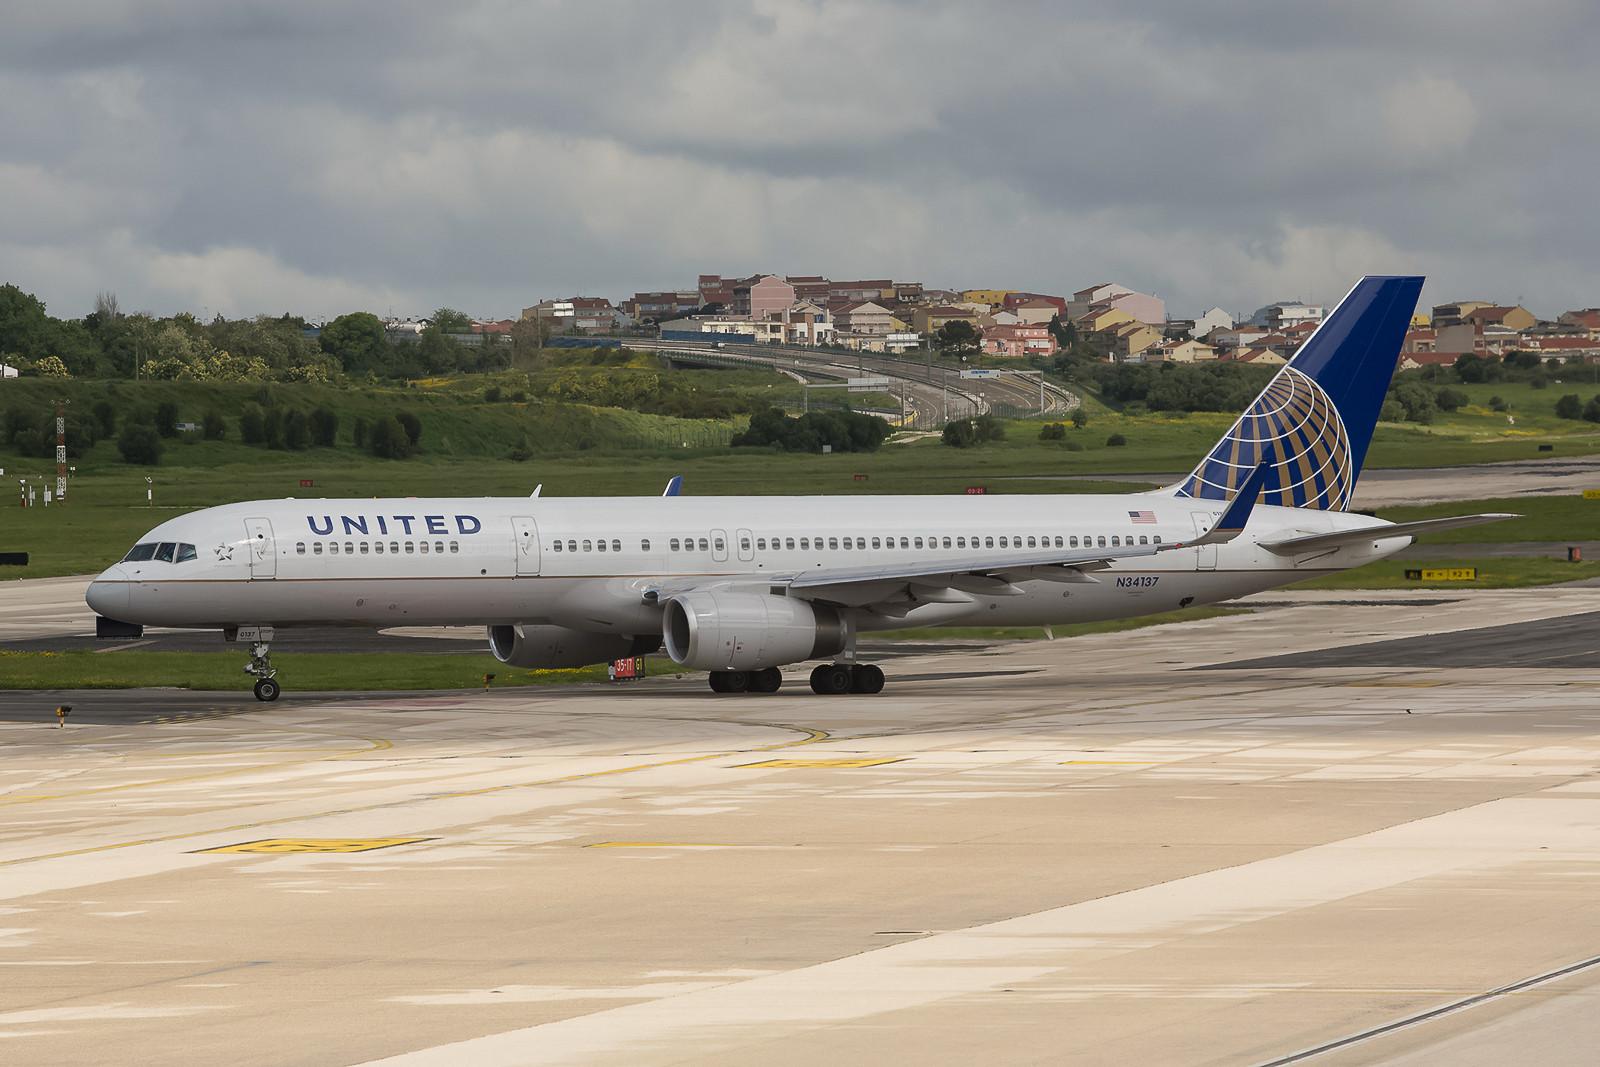 Die amerikanischen Airlines fliegen mit Boeing 757-200 nach Portugal, hier die United.